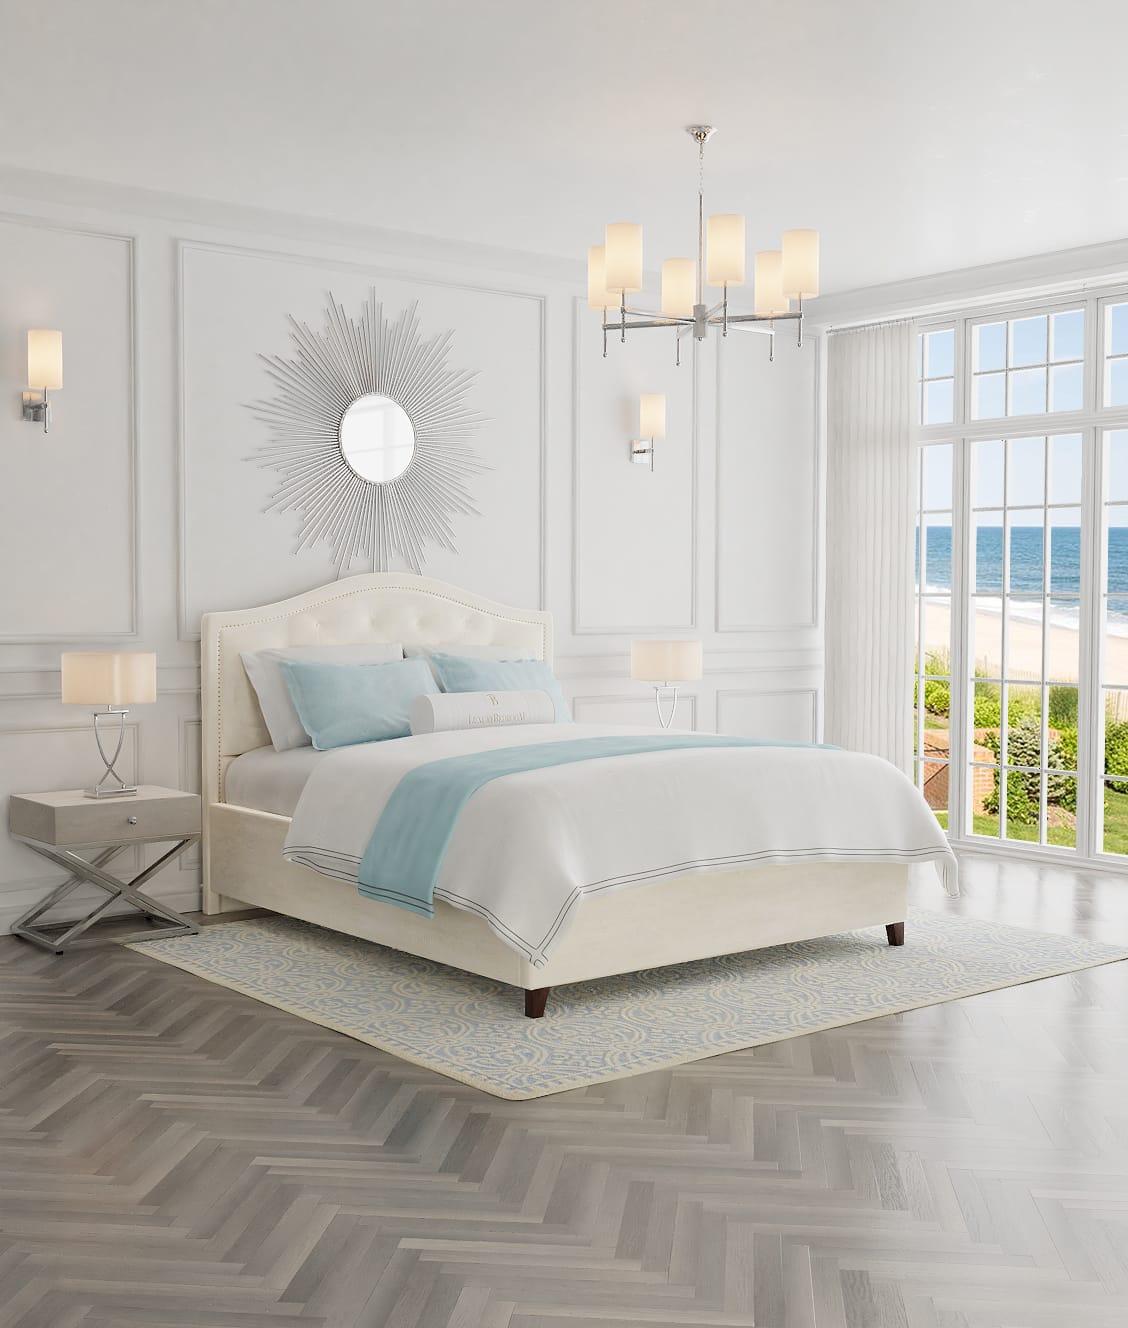 białe eleganckie łóżko w stylu New York